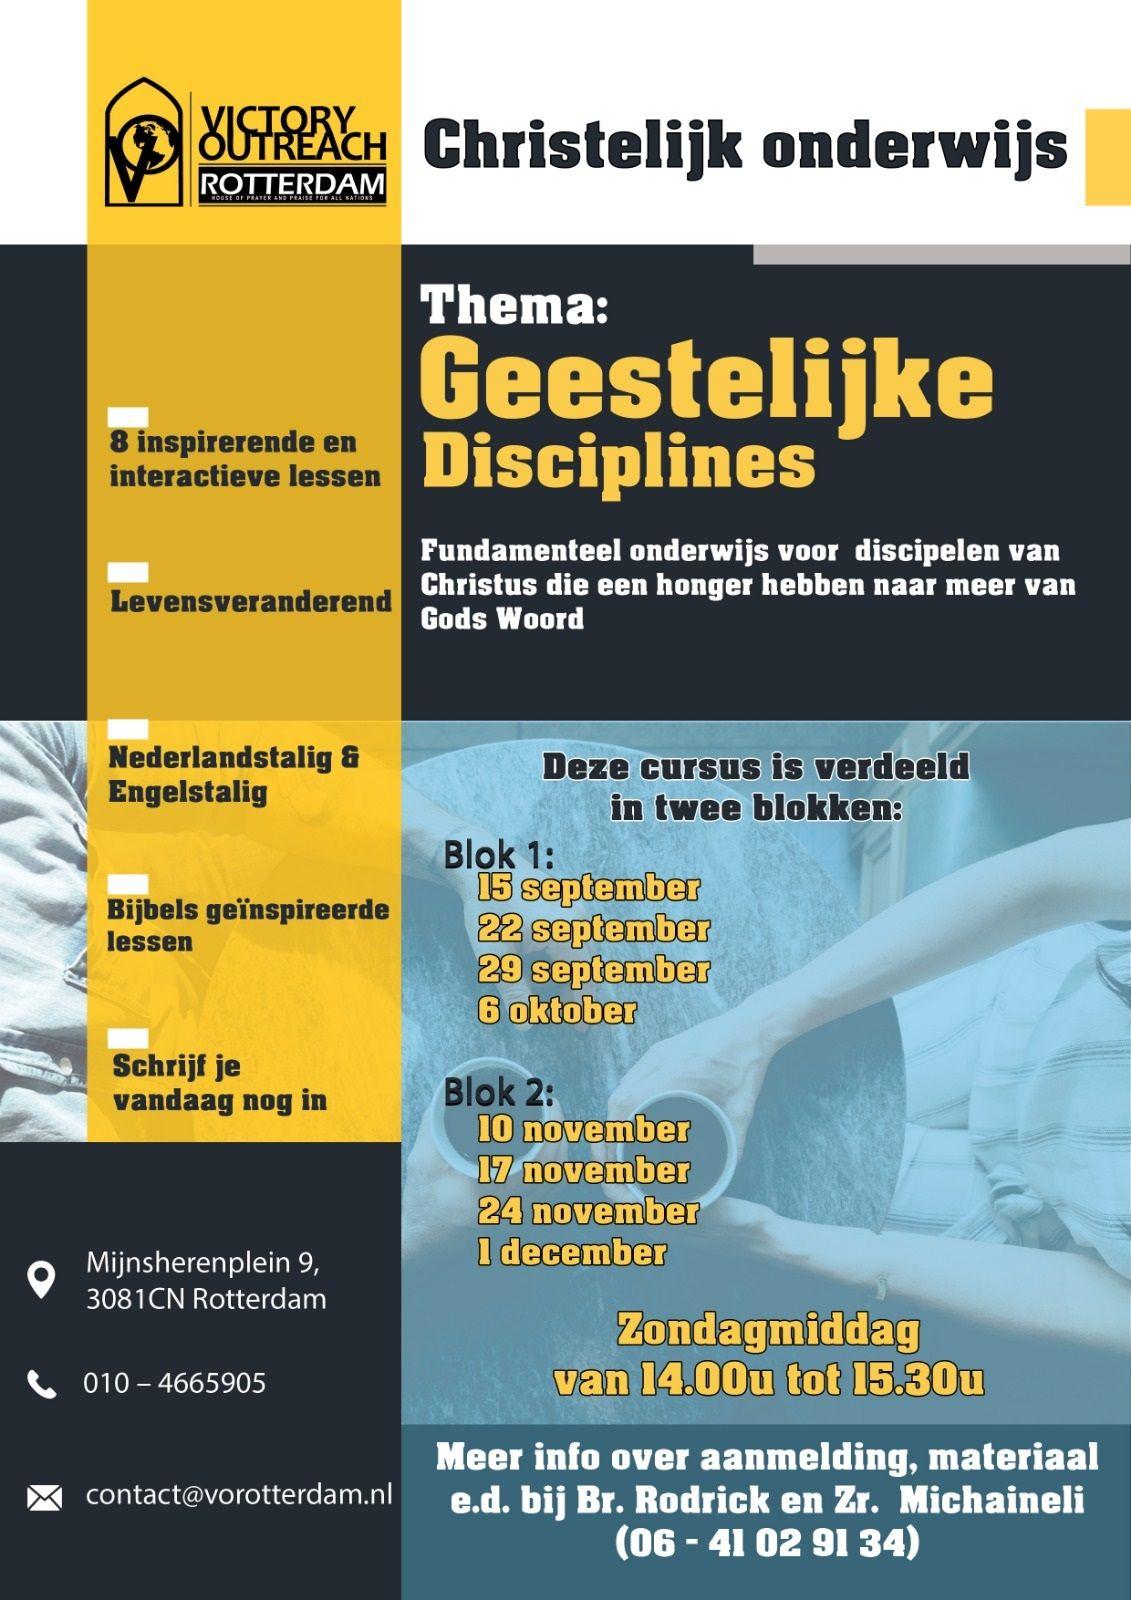 Kerkonderwijs - Geestelijke disciplines (Blok 2)